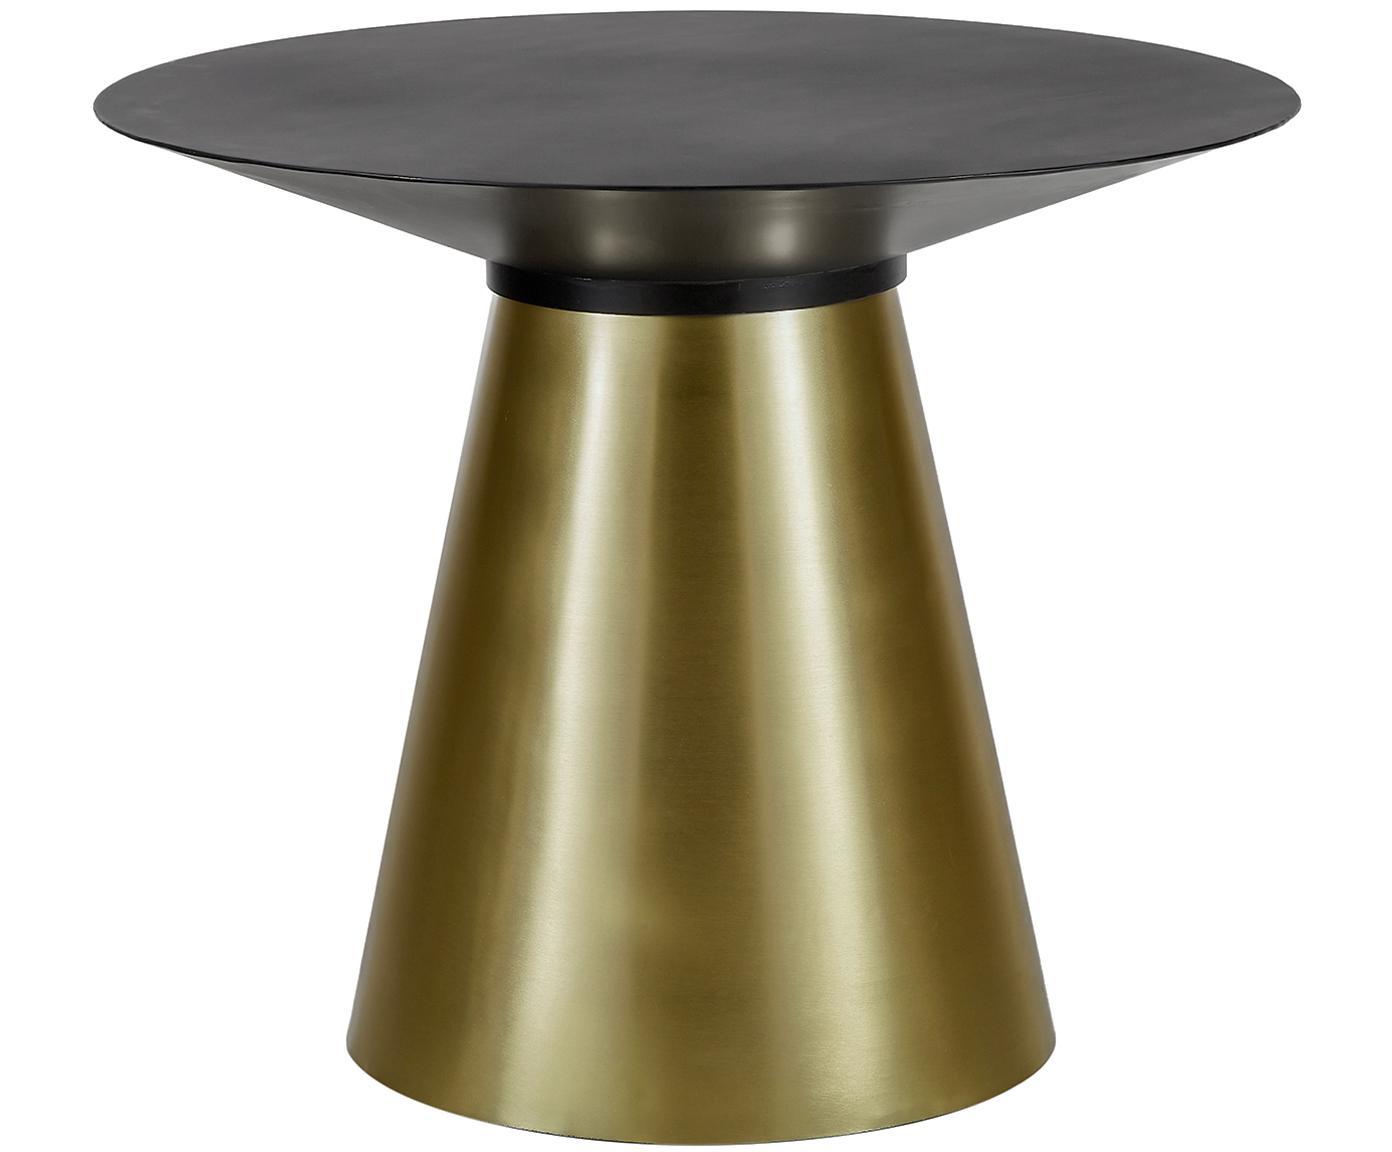 Okrągły stół do jadalni Selena, Blat: metal malowany proszkowo, Stelaż: metal powlekany, Blat: czarny, matowy Stelaż: odcienie złotego, matowy, Ø 91 x W 75 cm